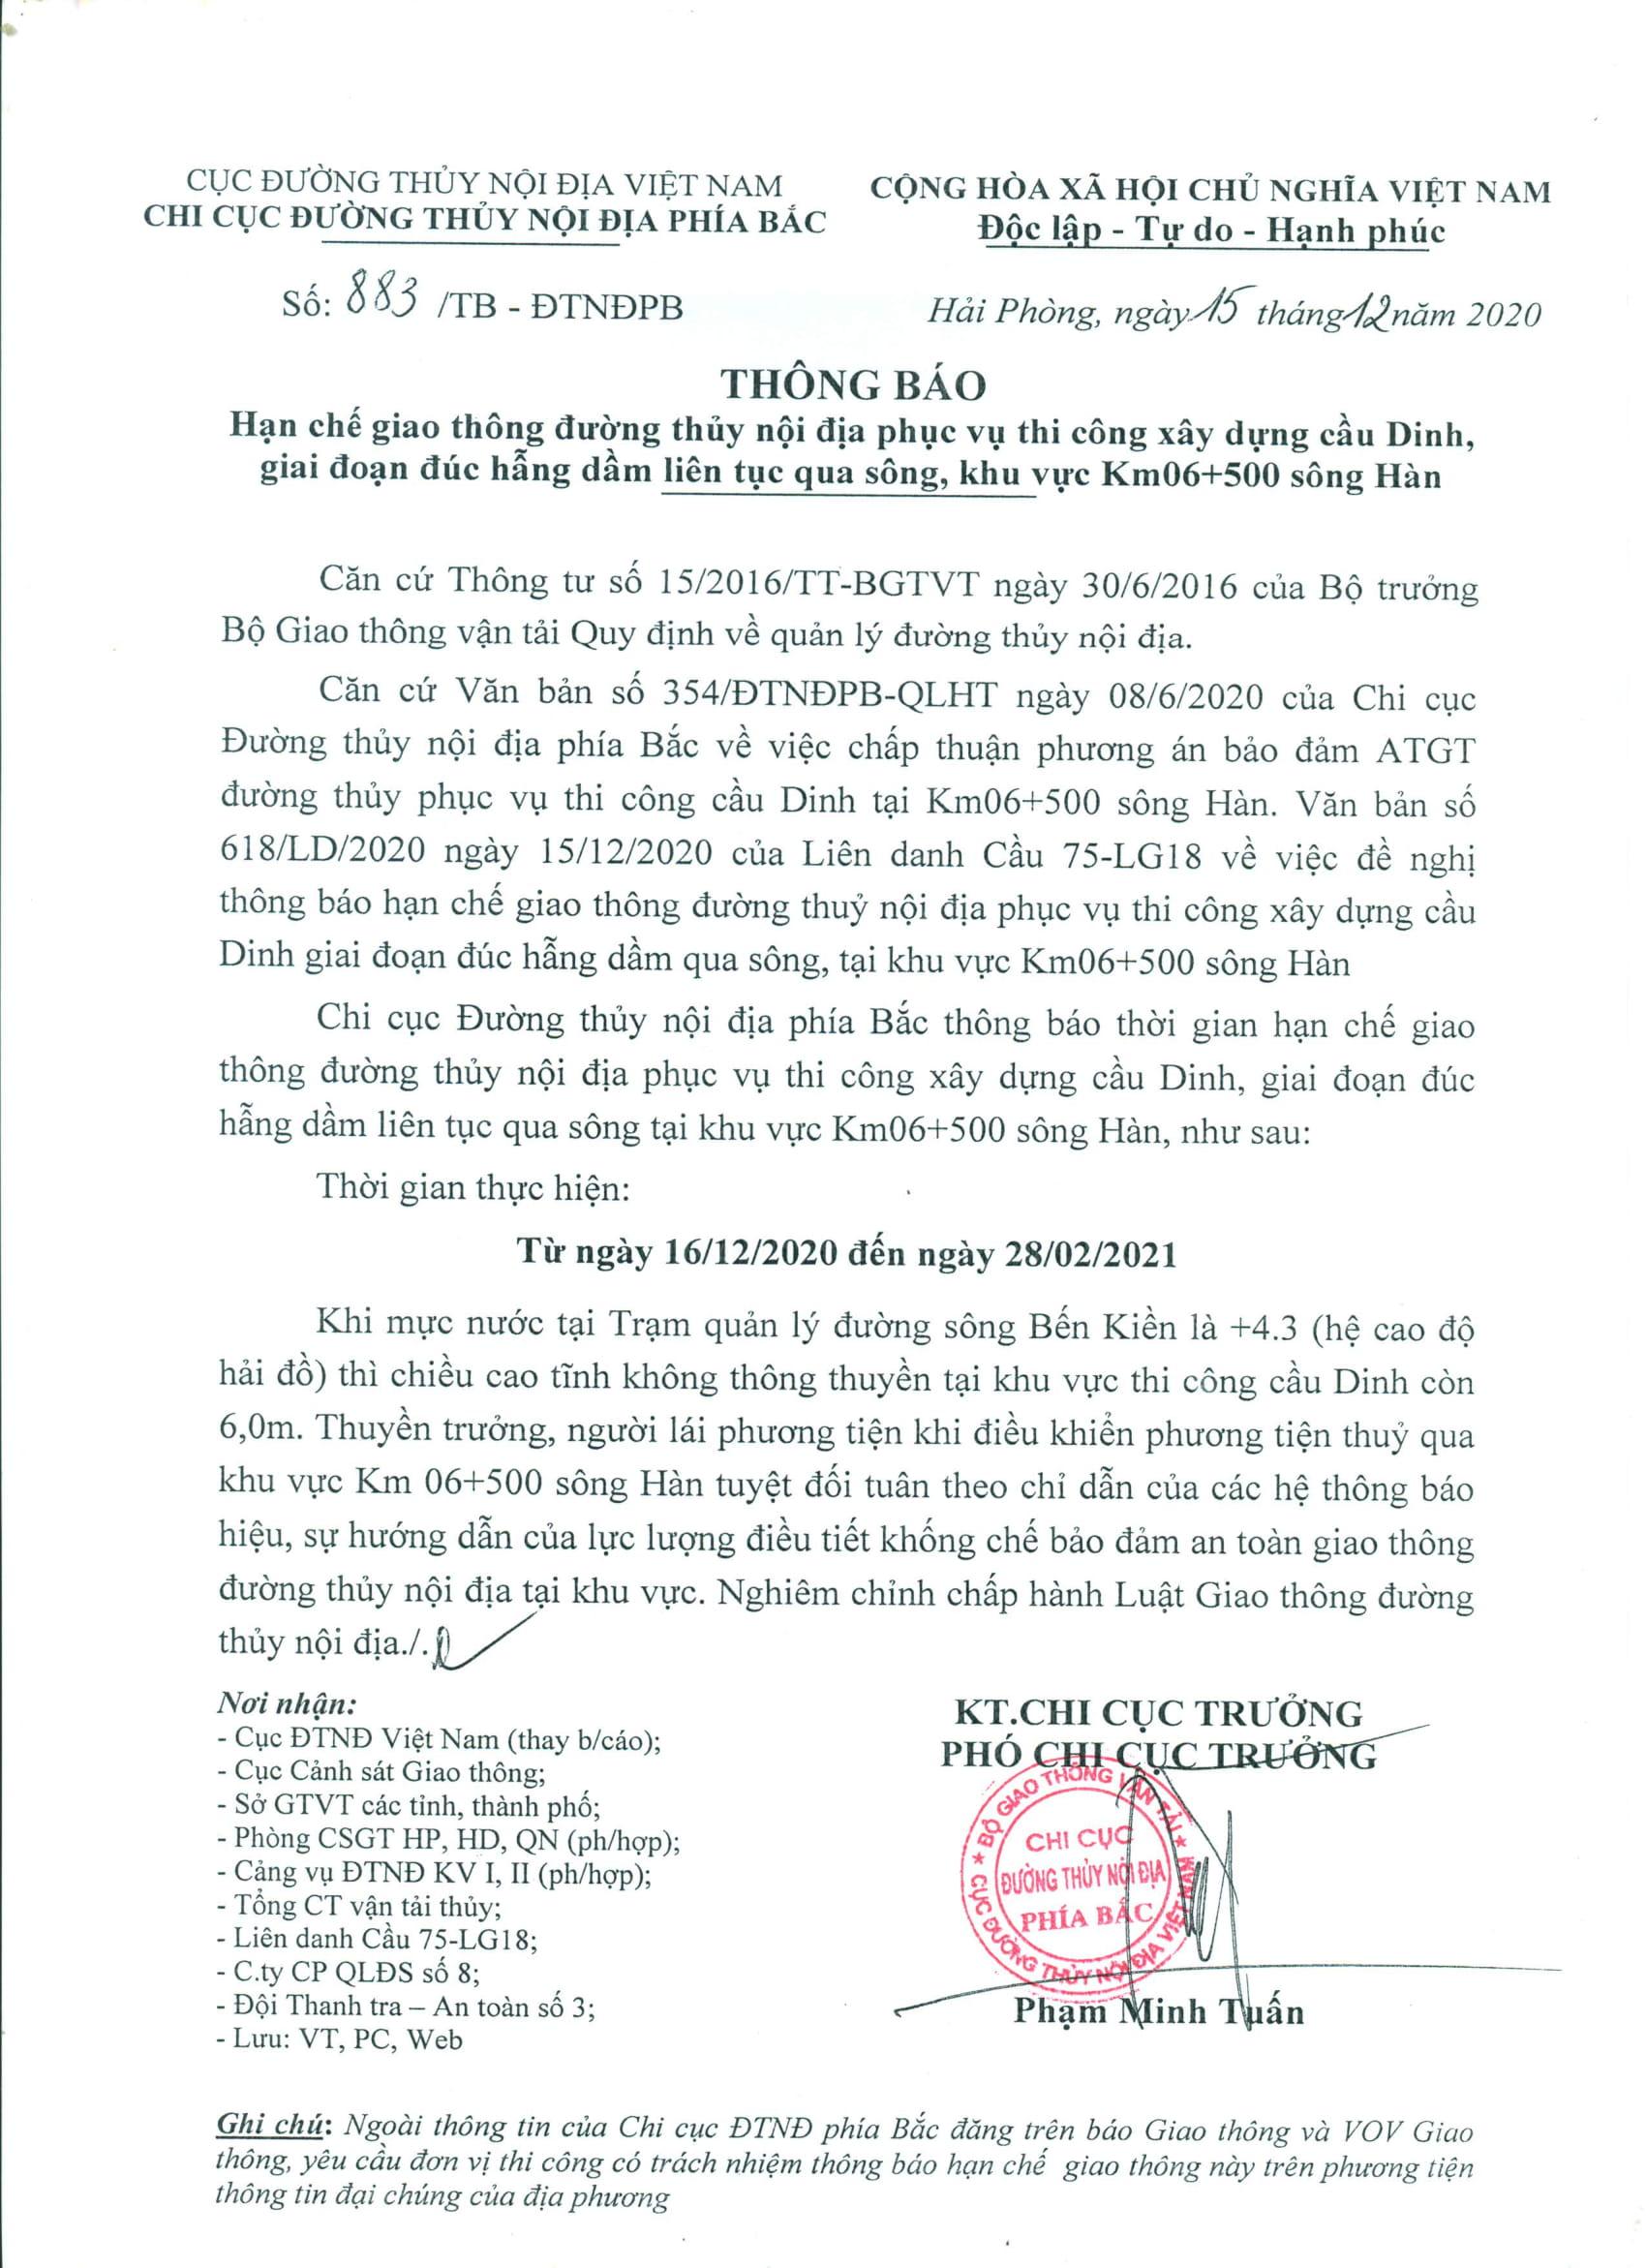 THÔNG BÁO: HCGT kéo điện 35KV quá sông Thái Bình